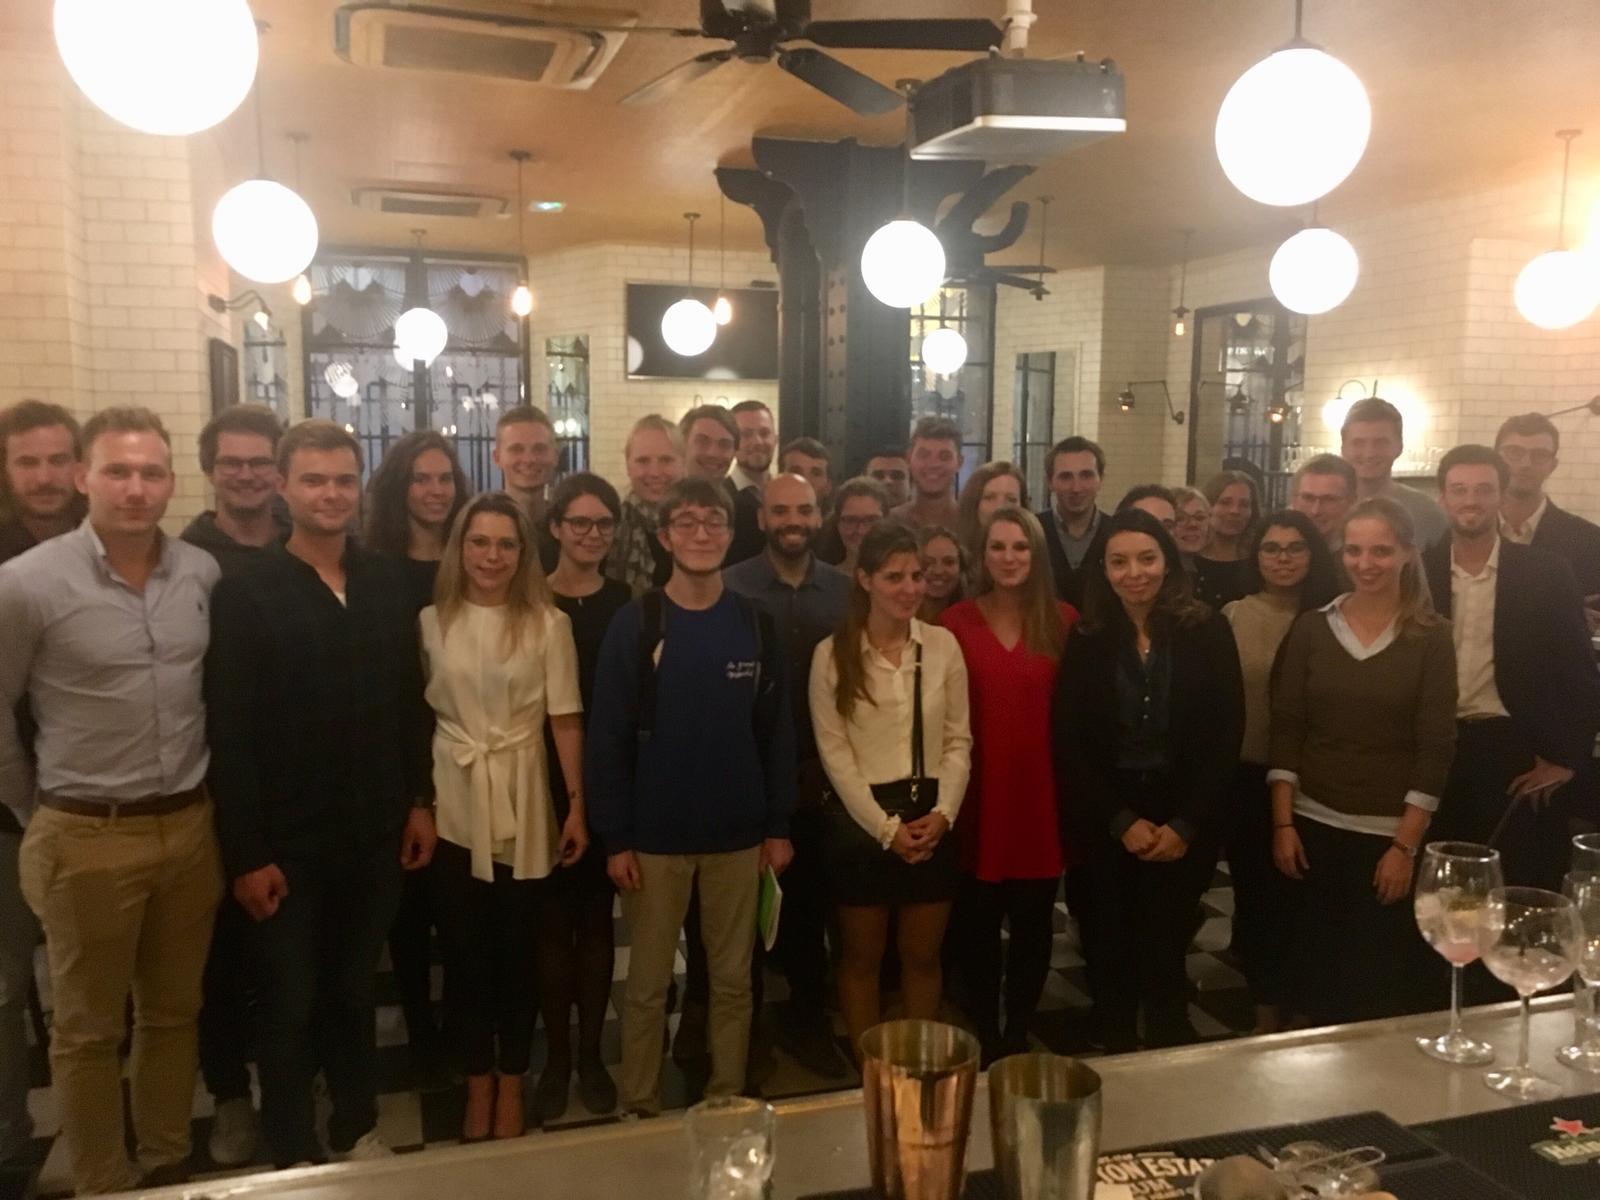 Am letzten Abend stand ein Gespräch mit Mitgliedern der Jeunes avec Macron an, der Jugendorganisation der Partei des Präsidenten.